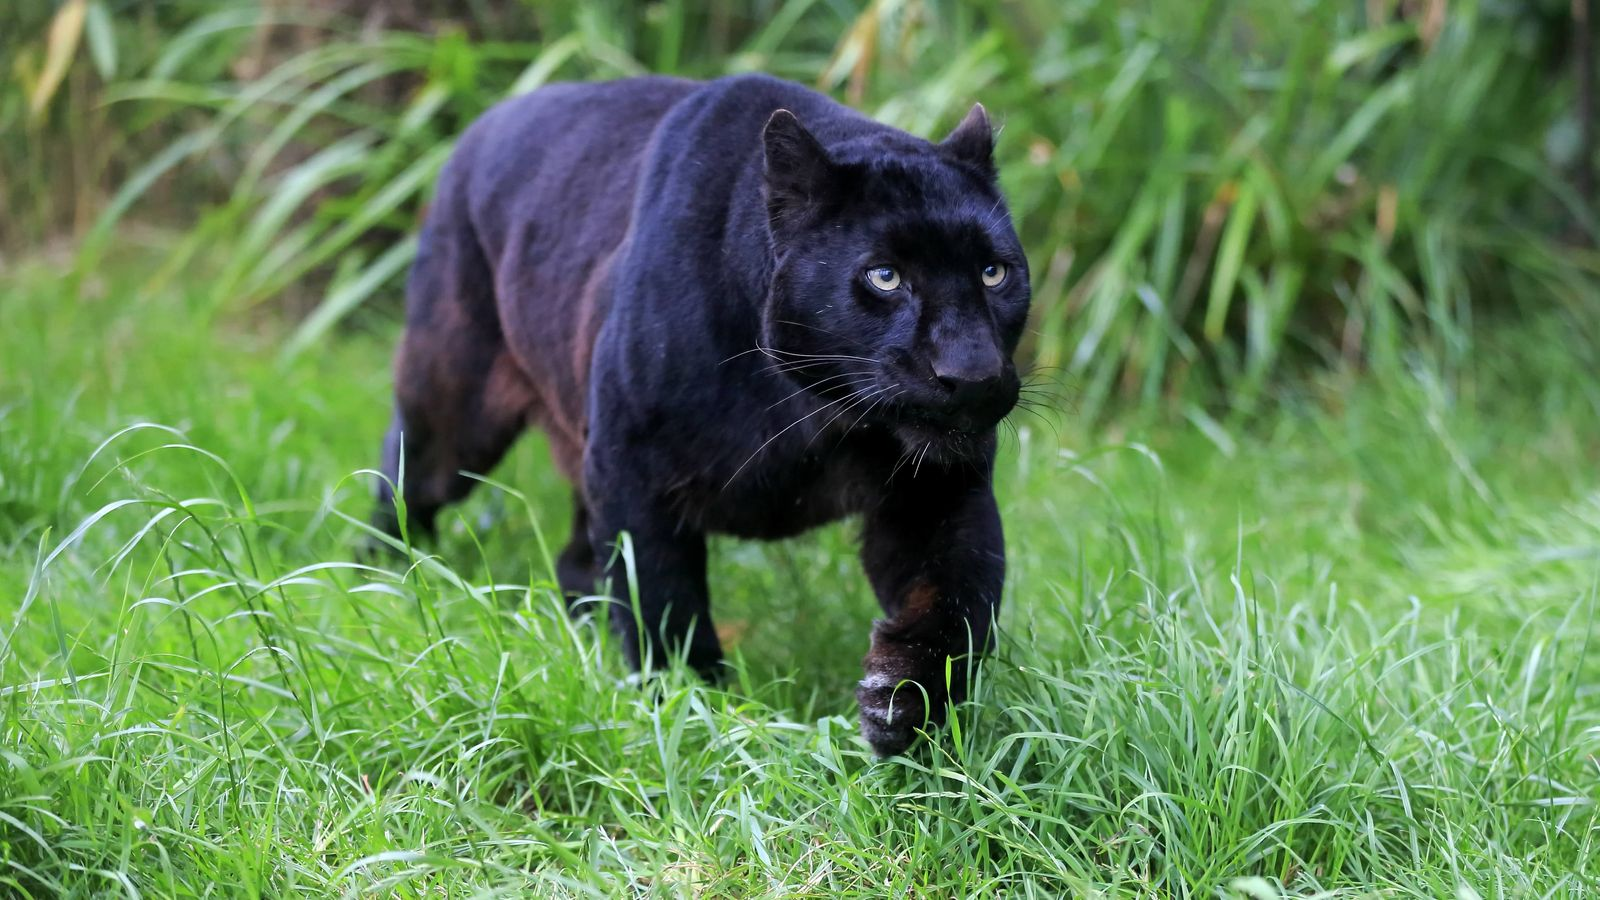 Panther hd schwarzer Schwarzer Panther